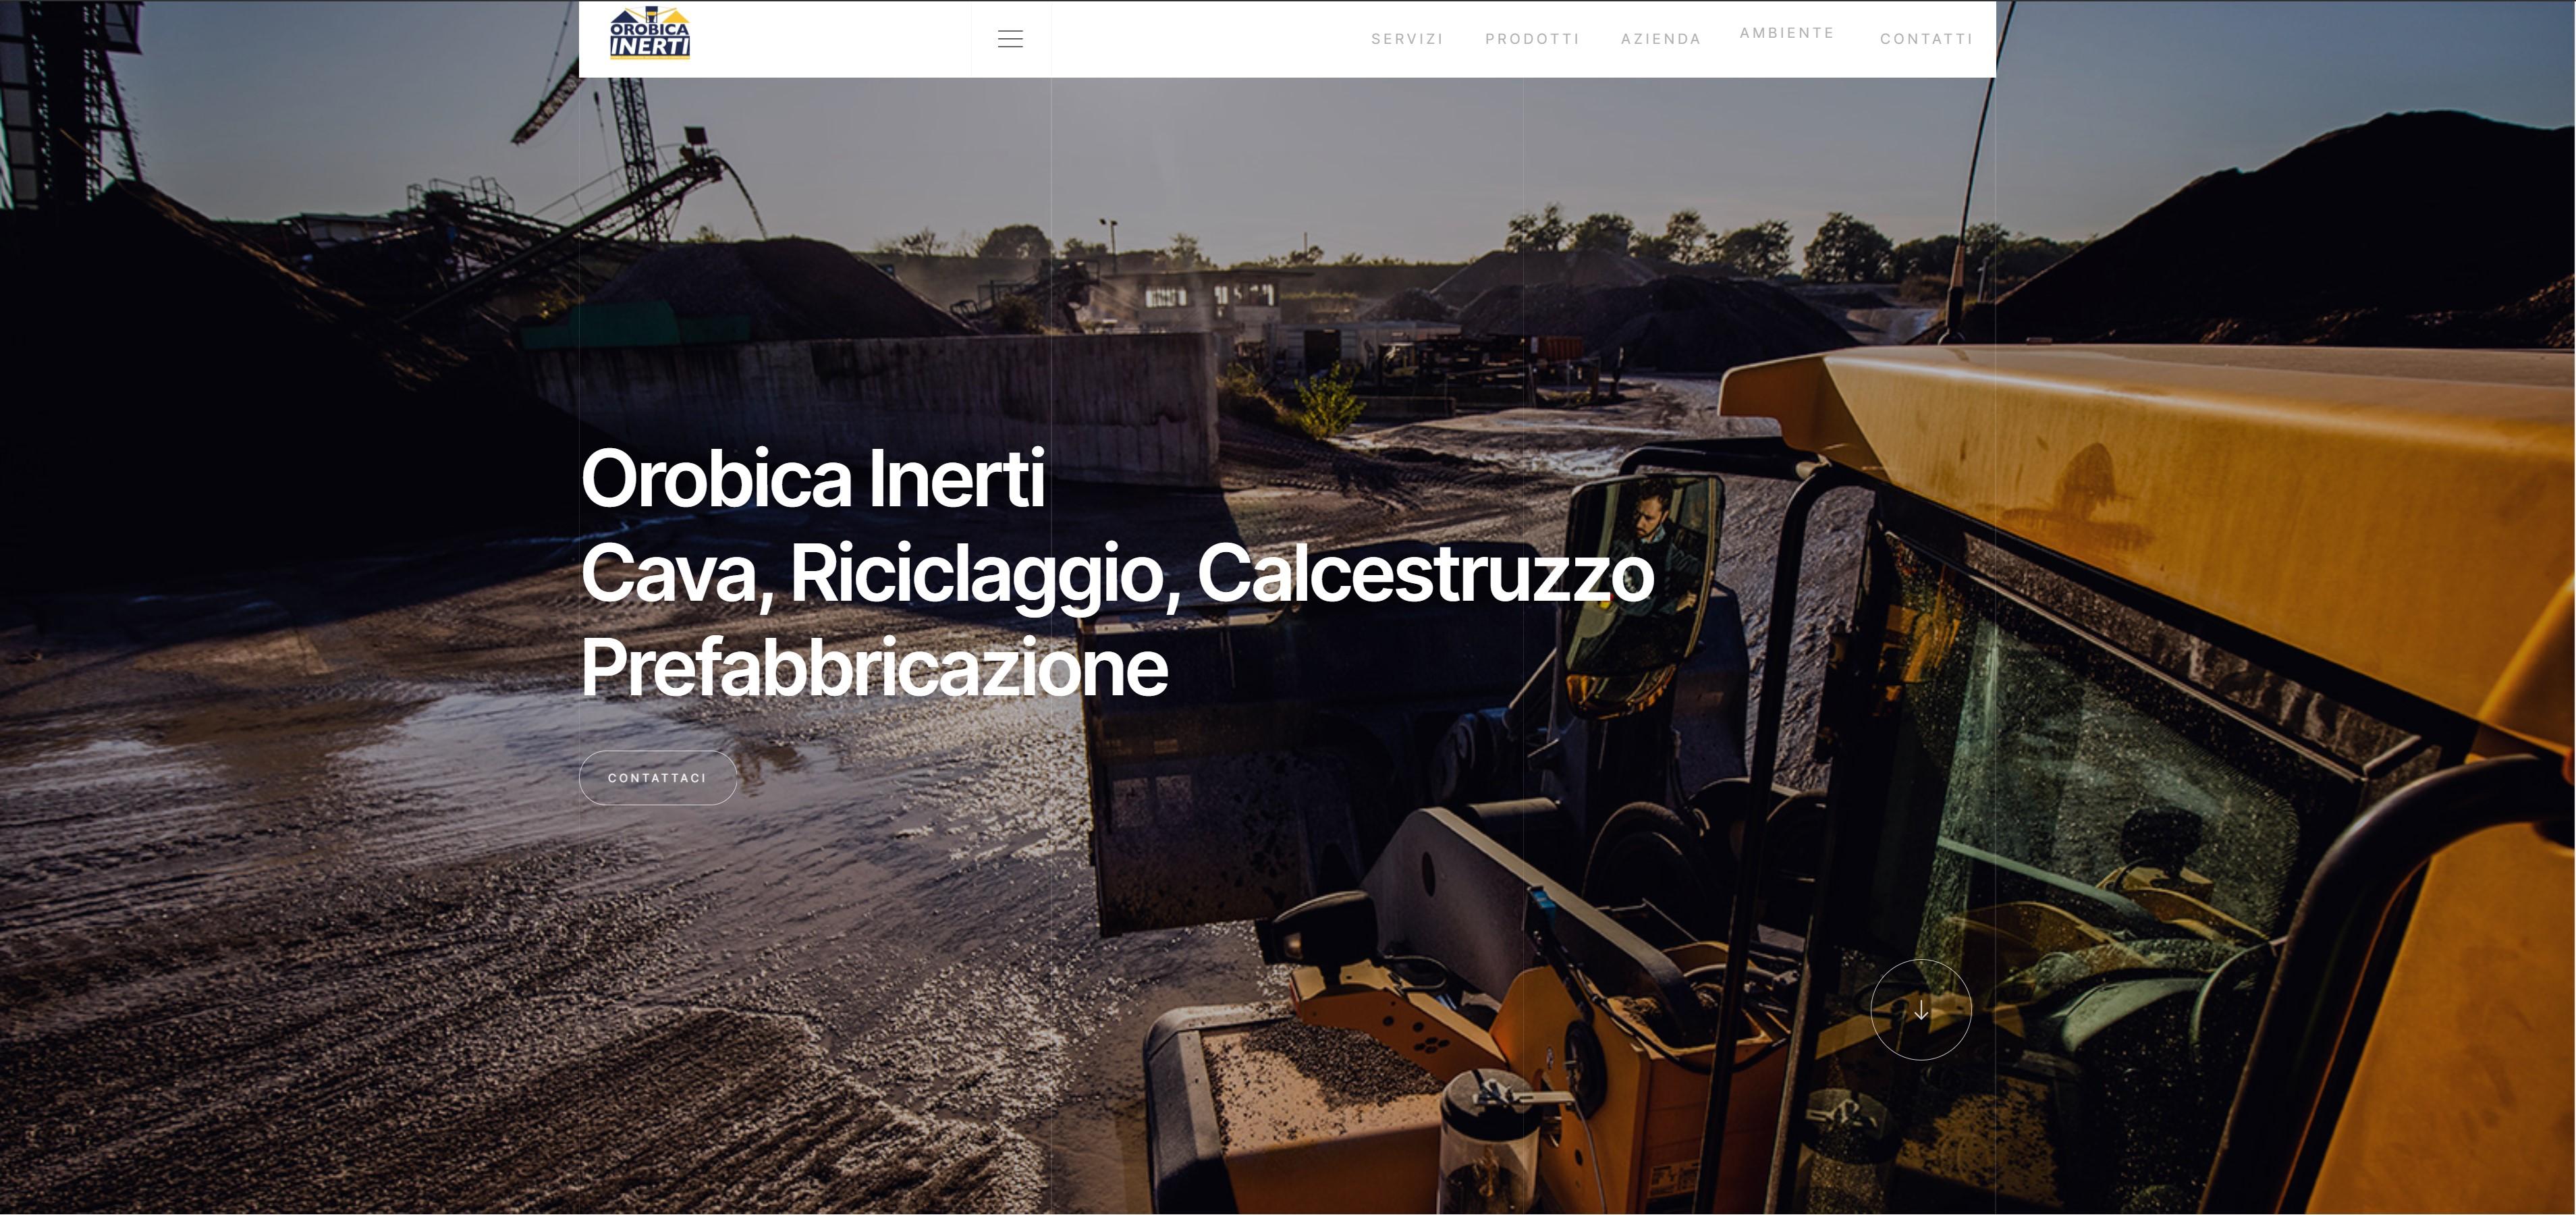 Orobica Inerti, pagina web